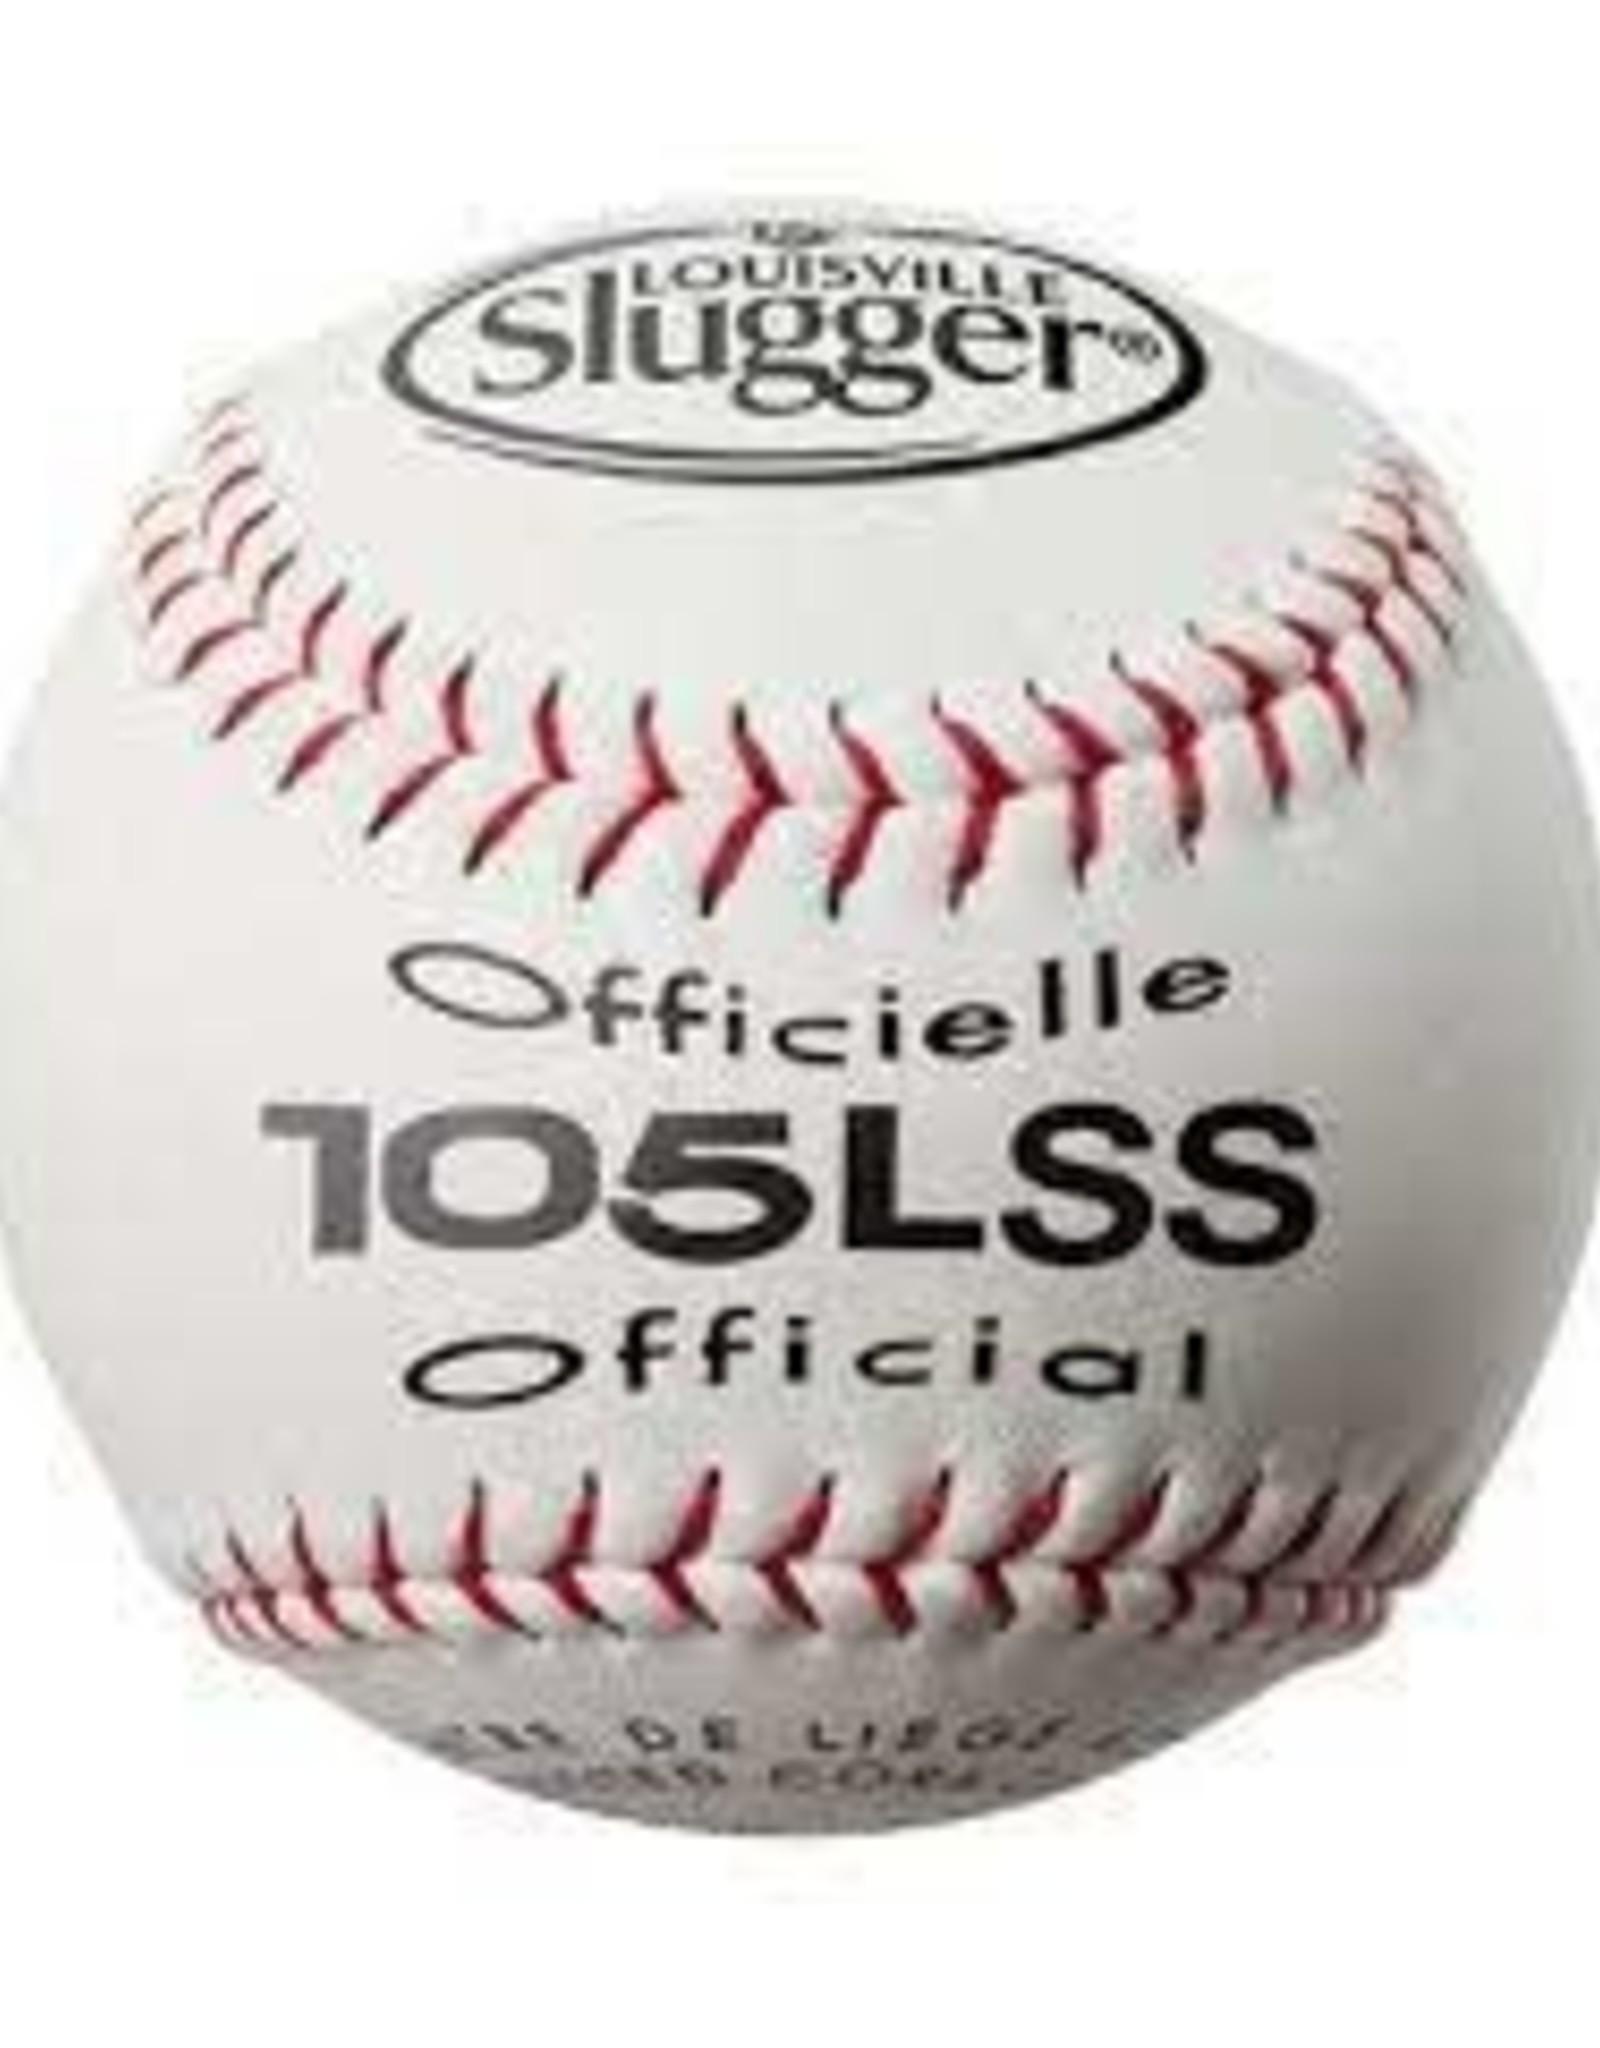 Louisville Caisse de 105LSS (Douzaine) 1-9 qté.